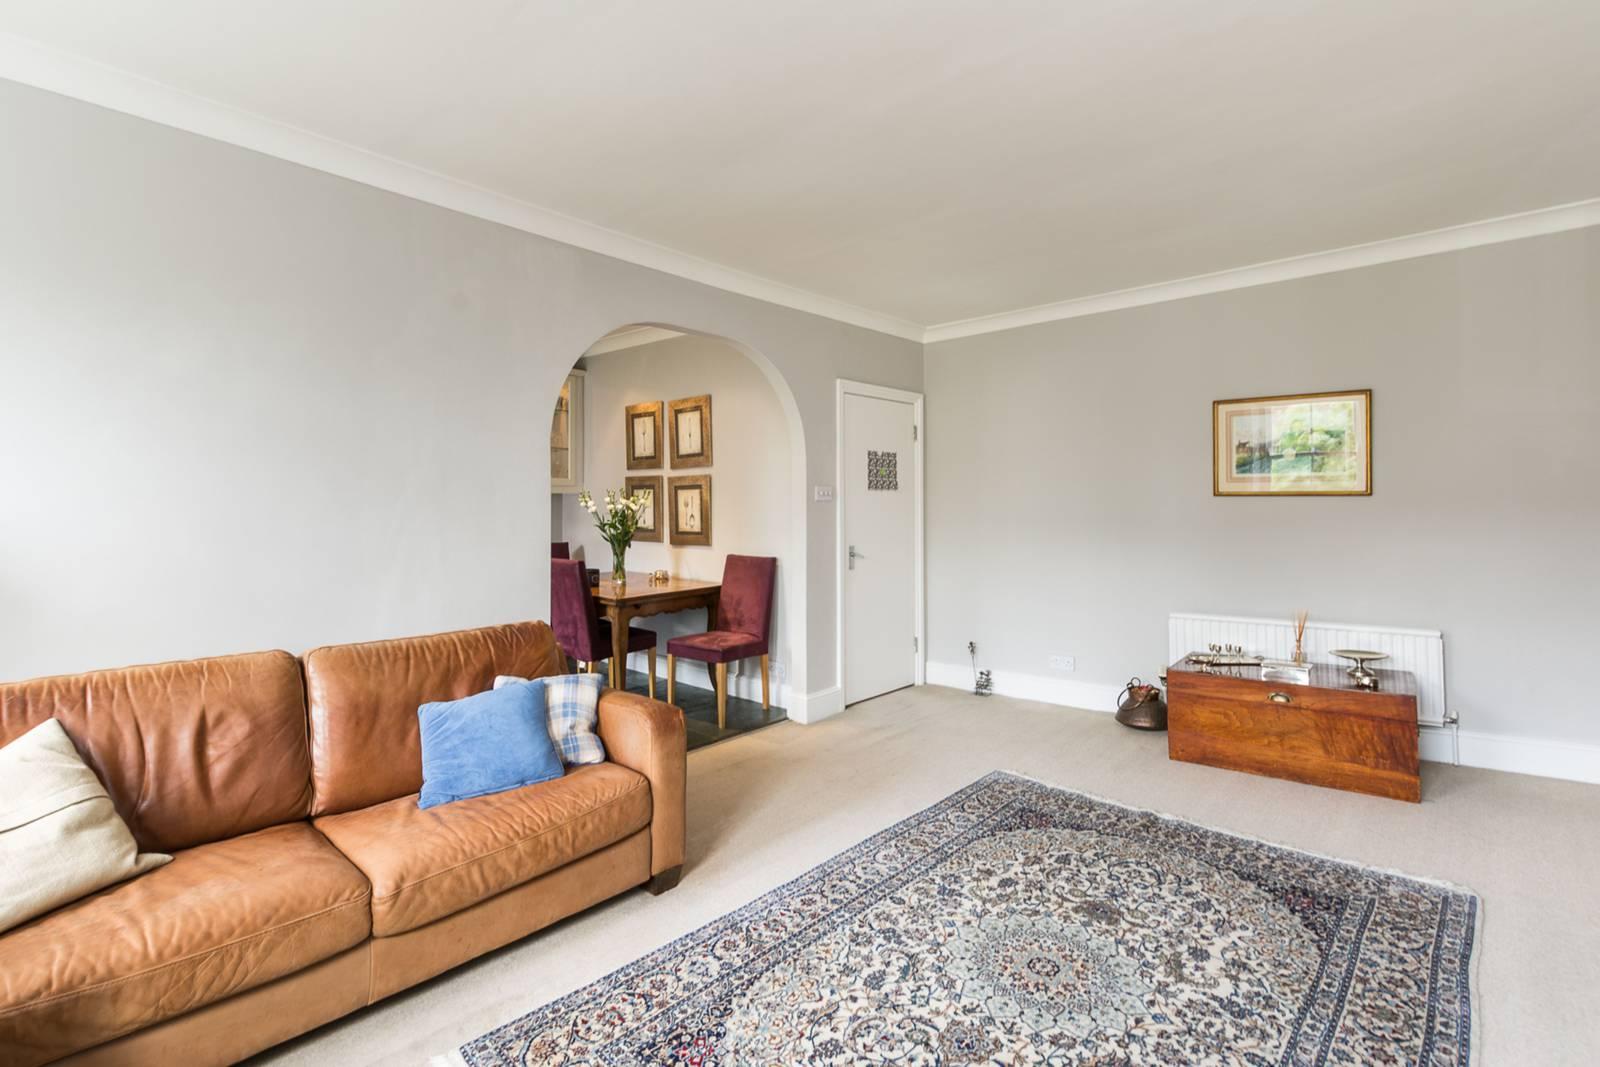 2 Bedroom Flat For Sale In Earls Court Road Kensington W8 London